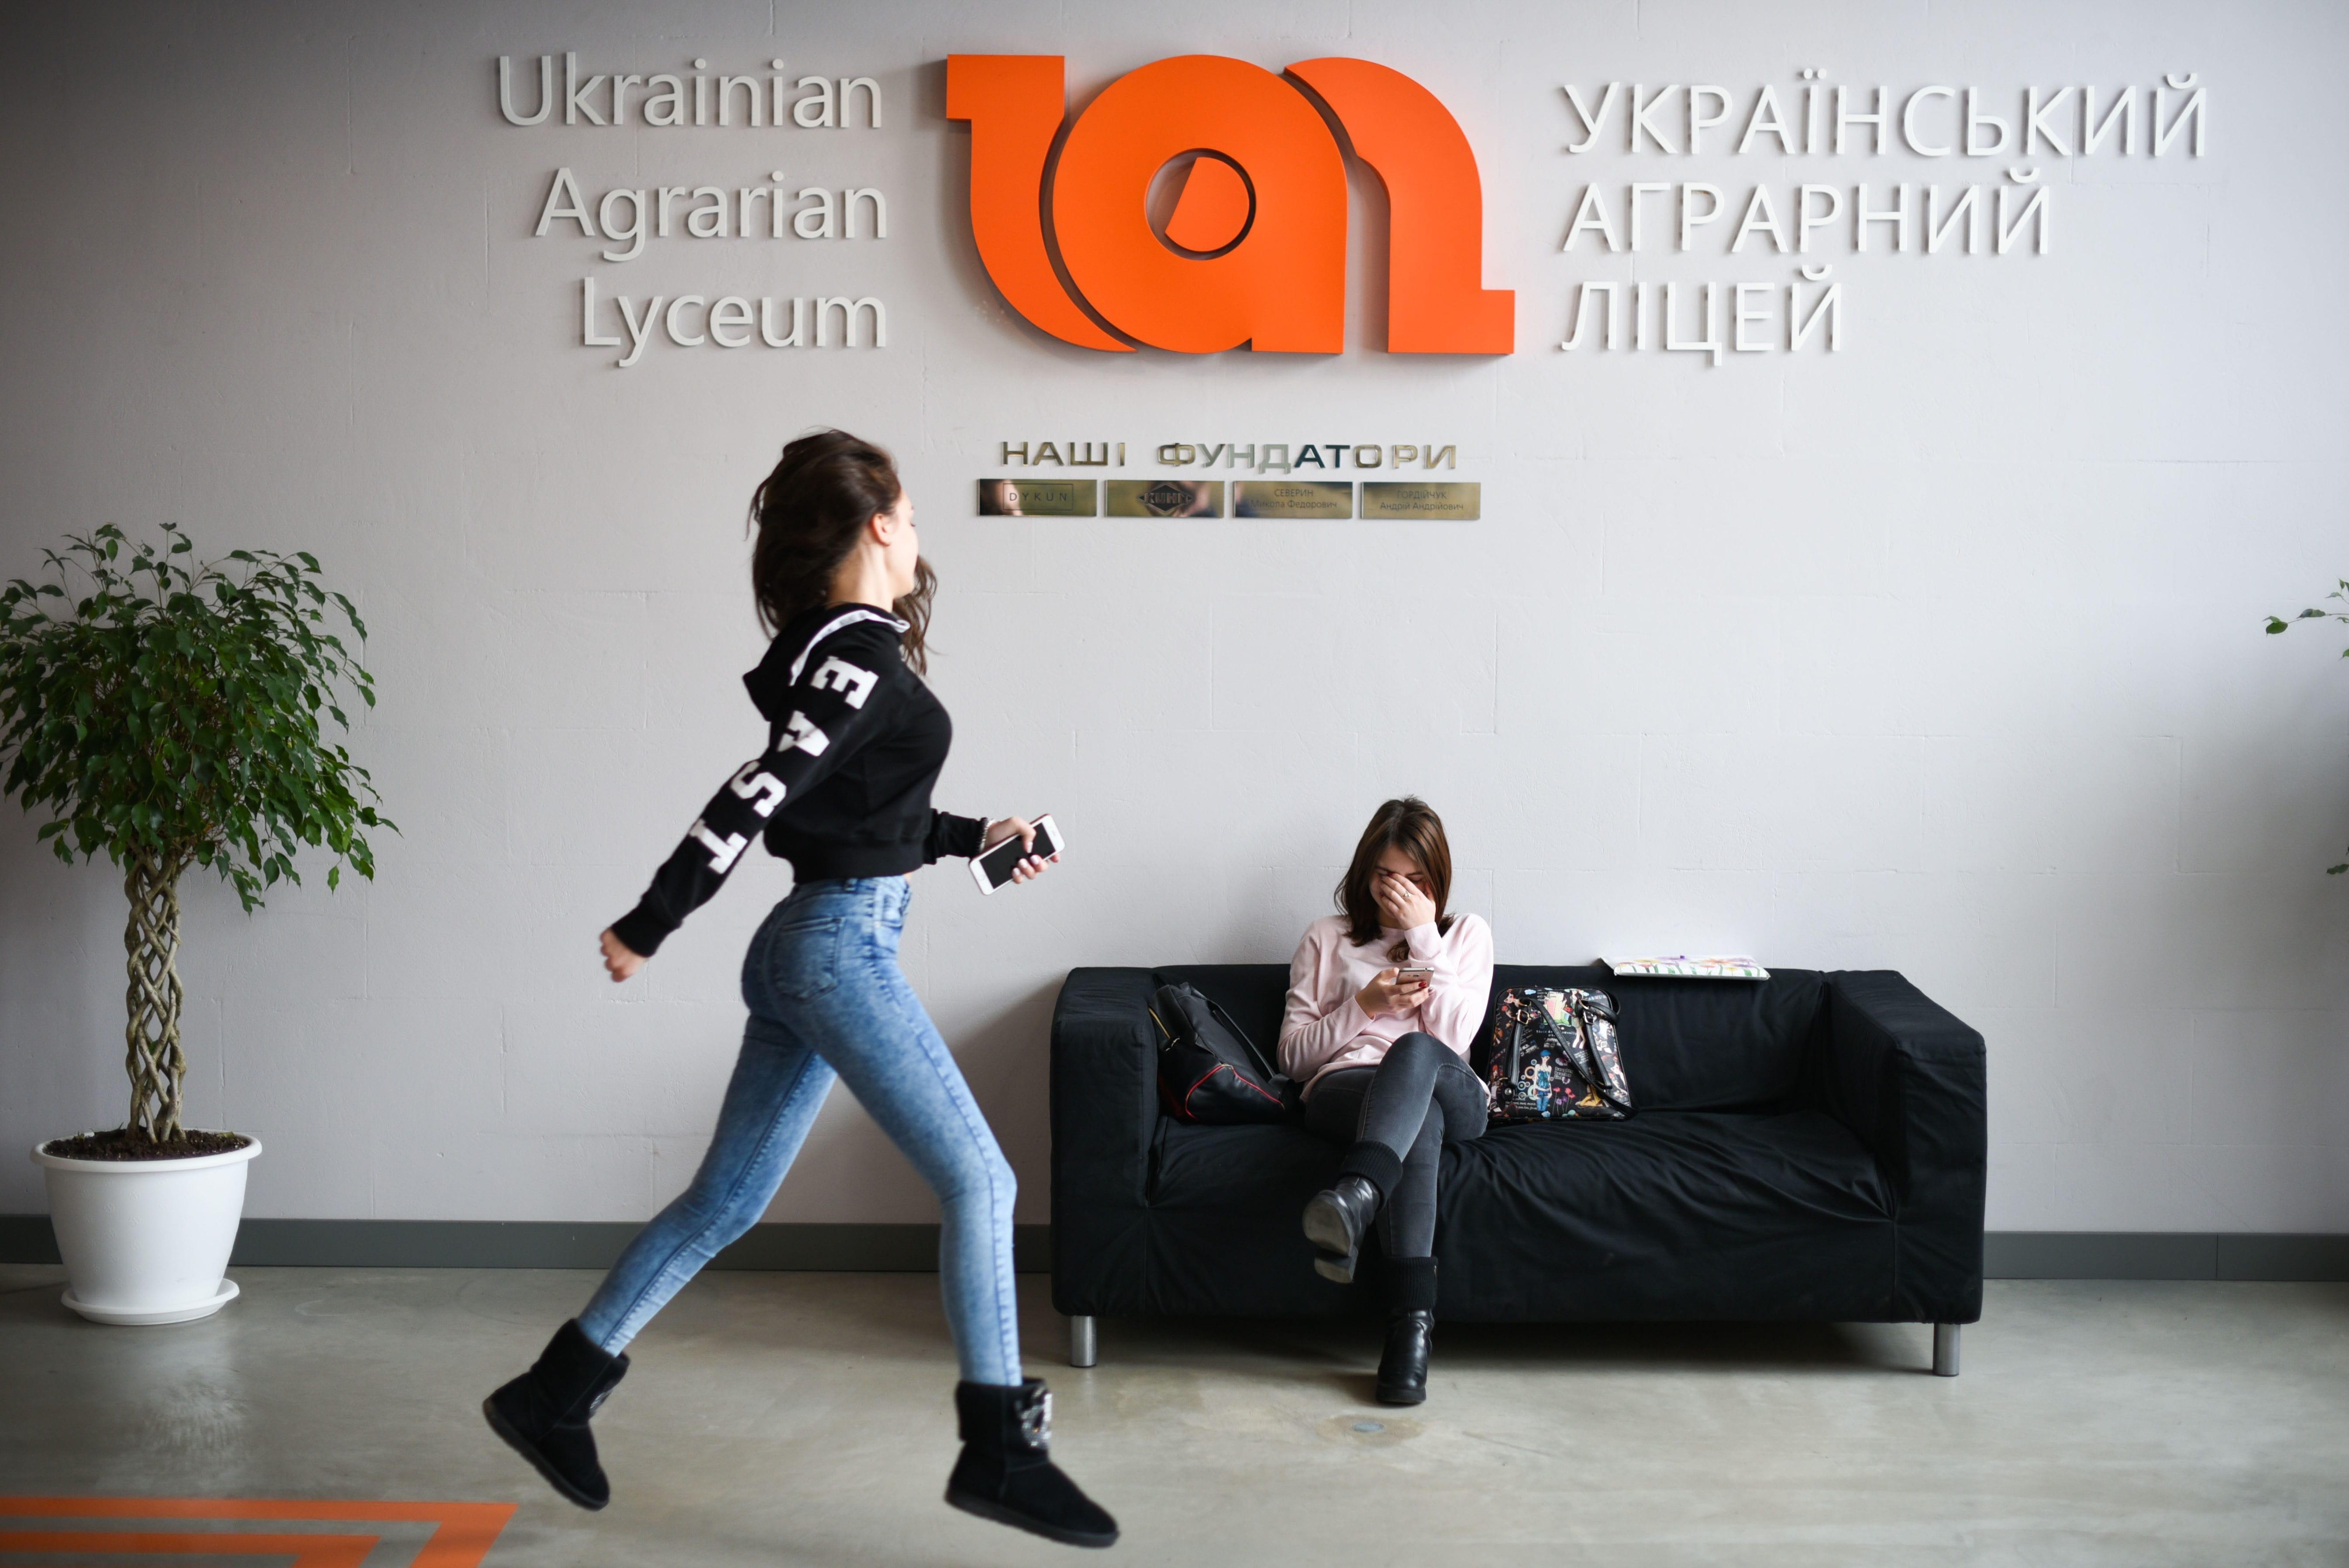 Український аграрний ліцей відкриває клас у Кіровоградській області